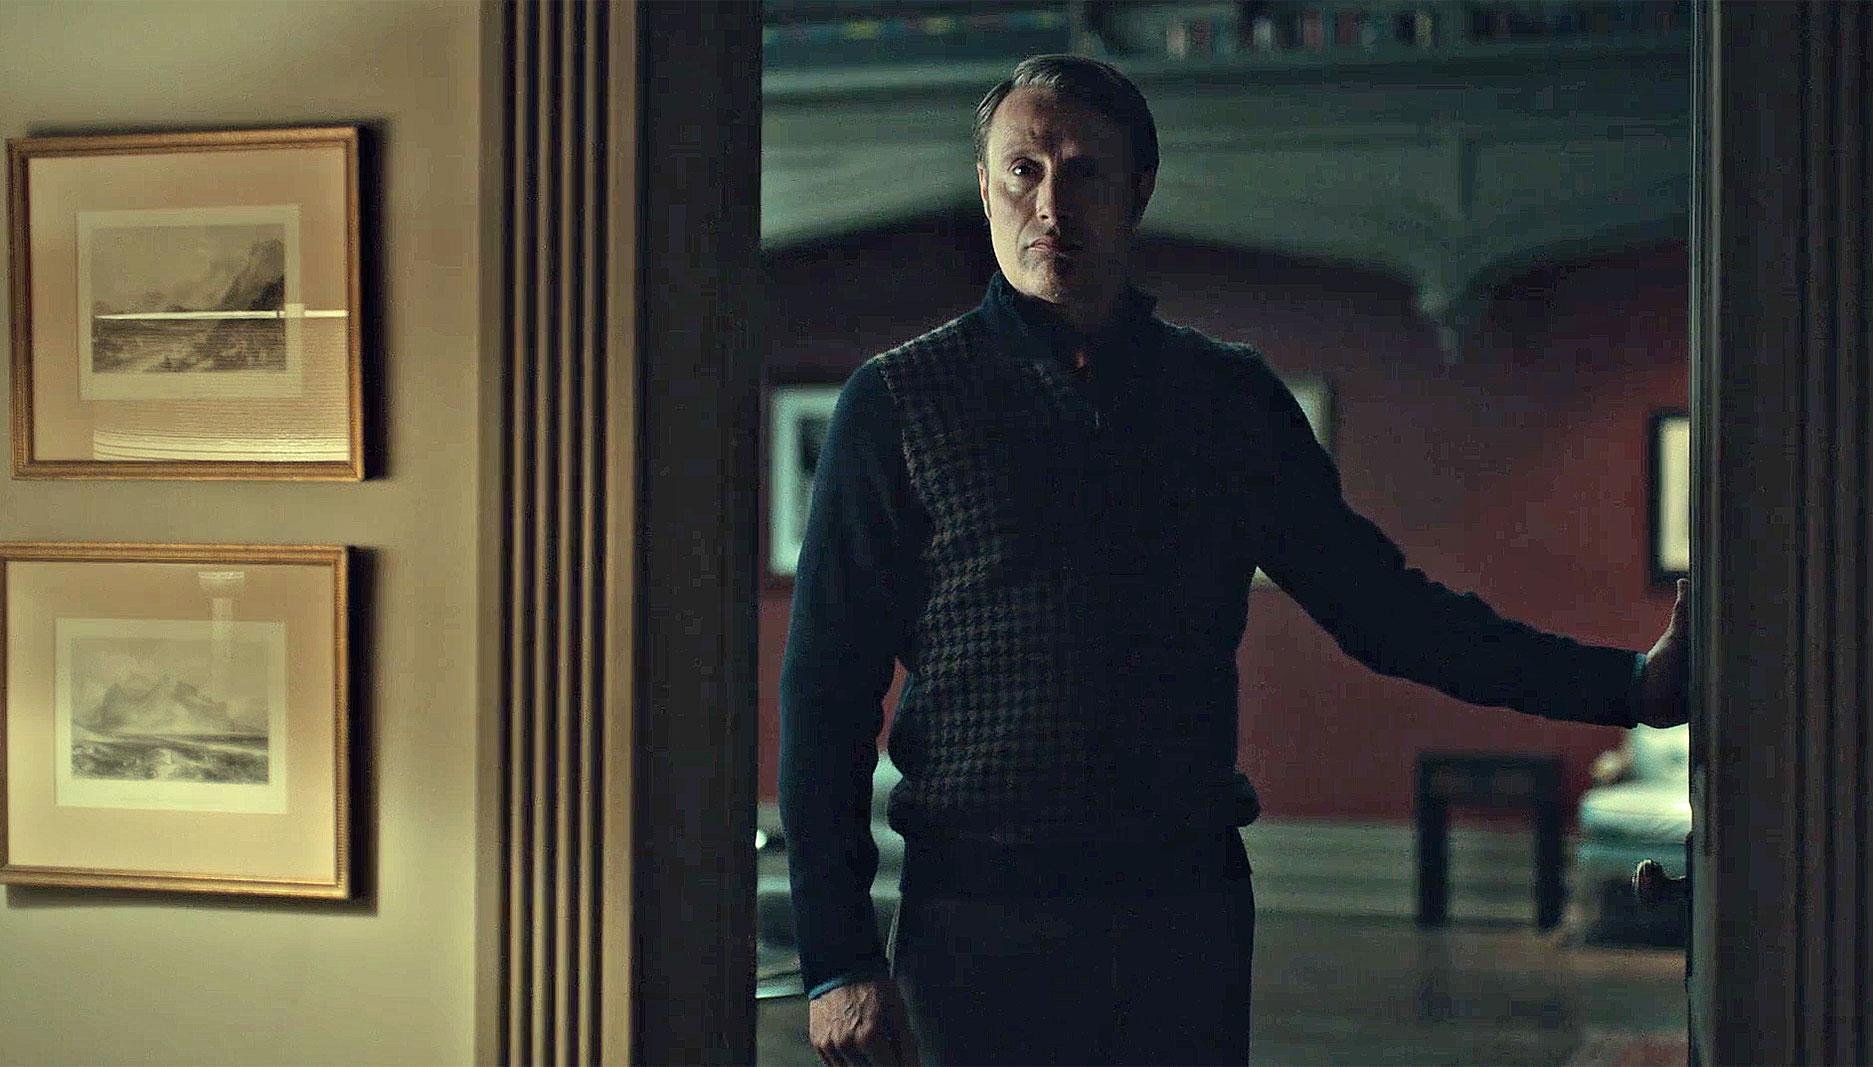 Woollen Sweater Hannibal